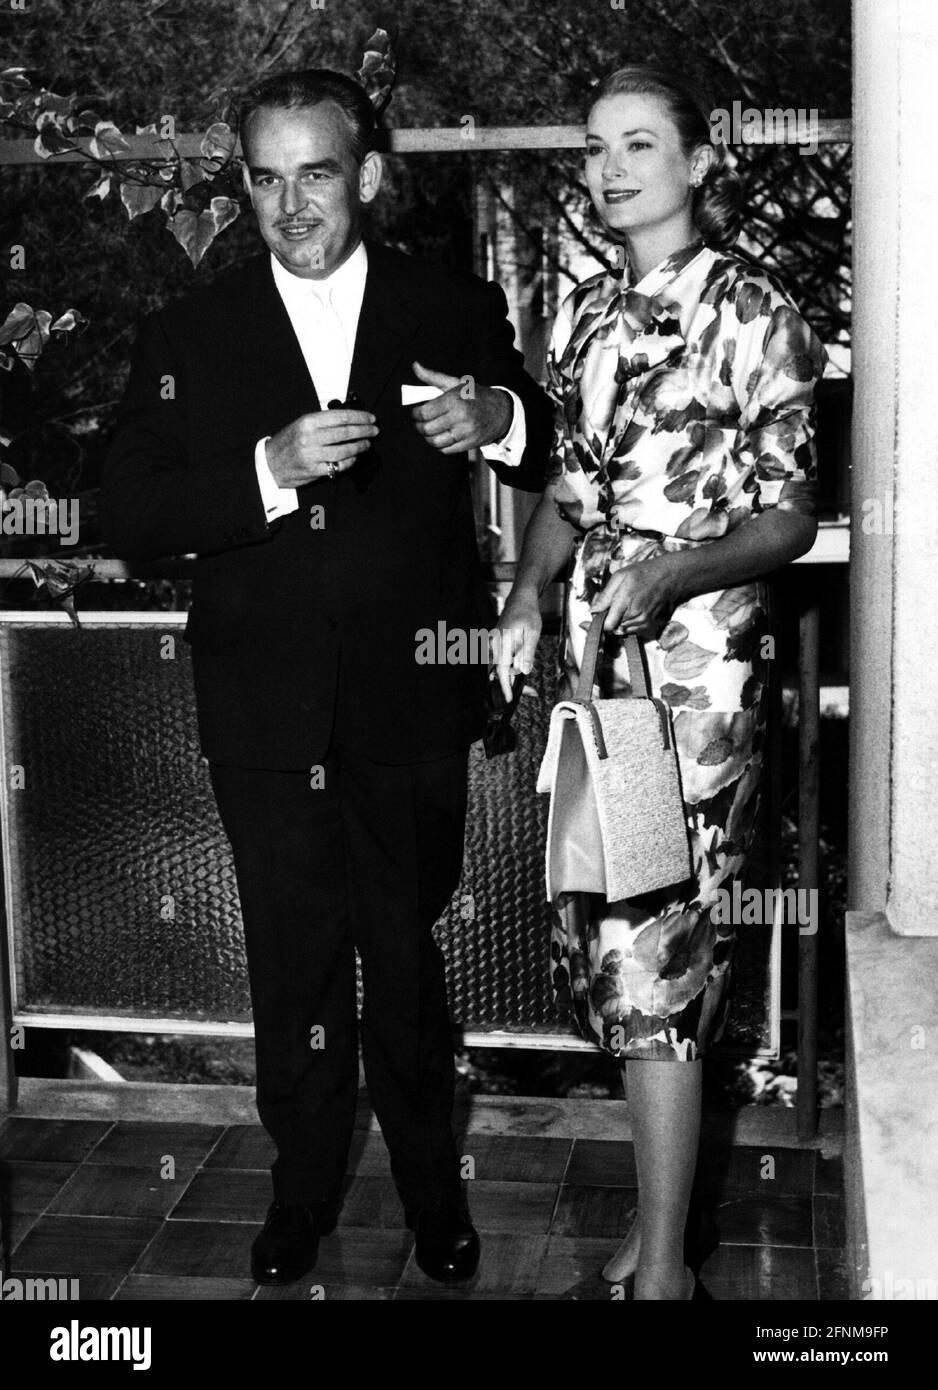 Kelly, Grace, 12.11.1929 - 14.9.1982, attrice americana, mezza lunghezza, INFORMAZIONI-AGGIUNTIVE-DIRITTI-AUTORIZZAZIONE-NON-DISPONIBILI Foto Stock